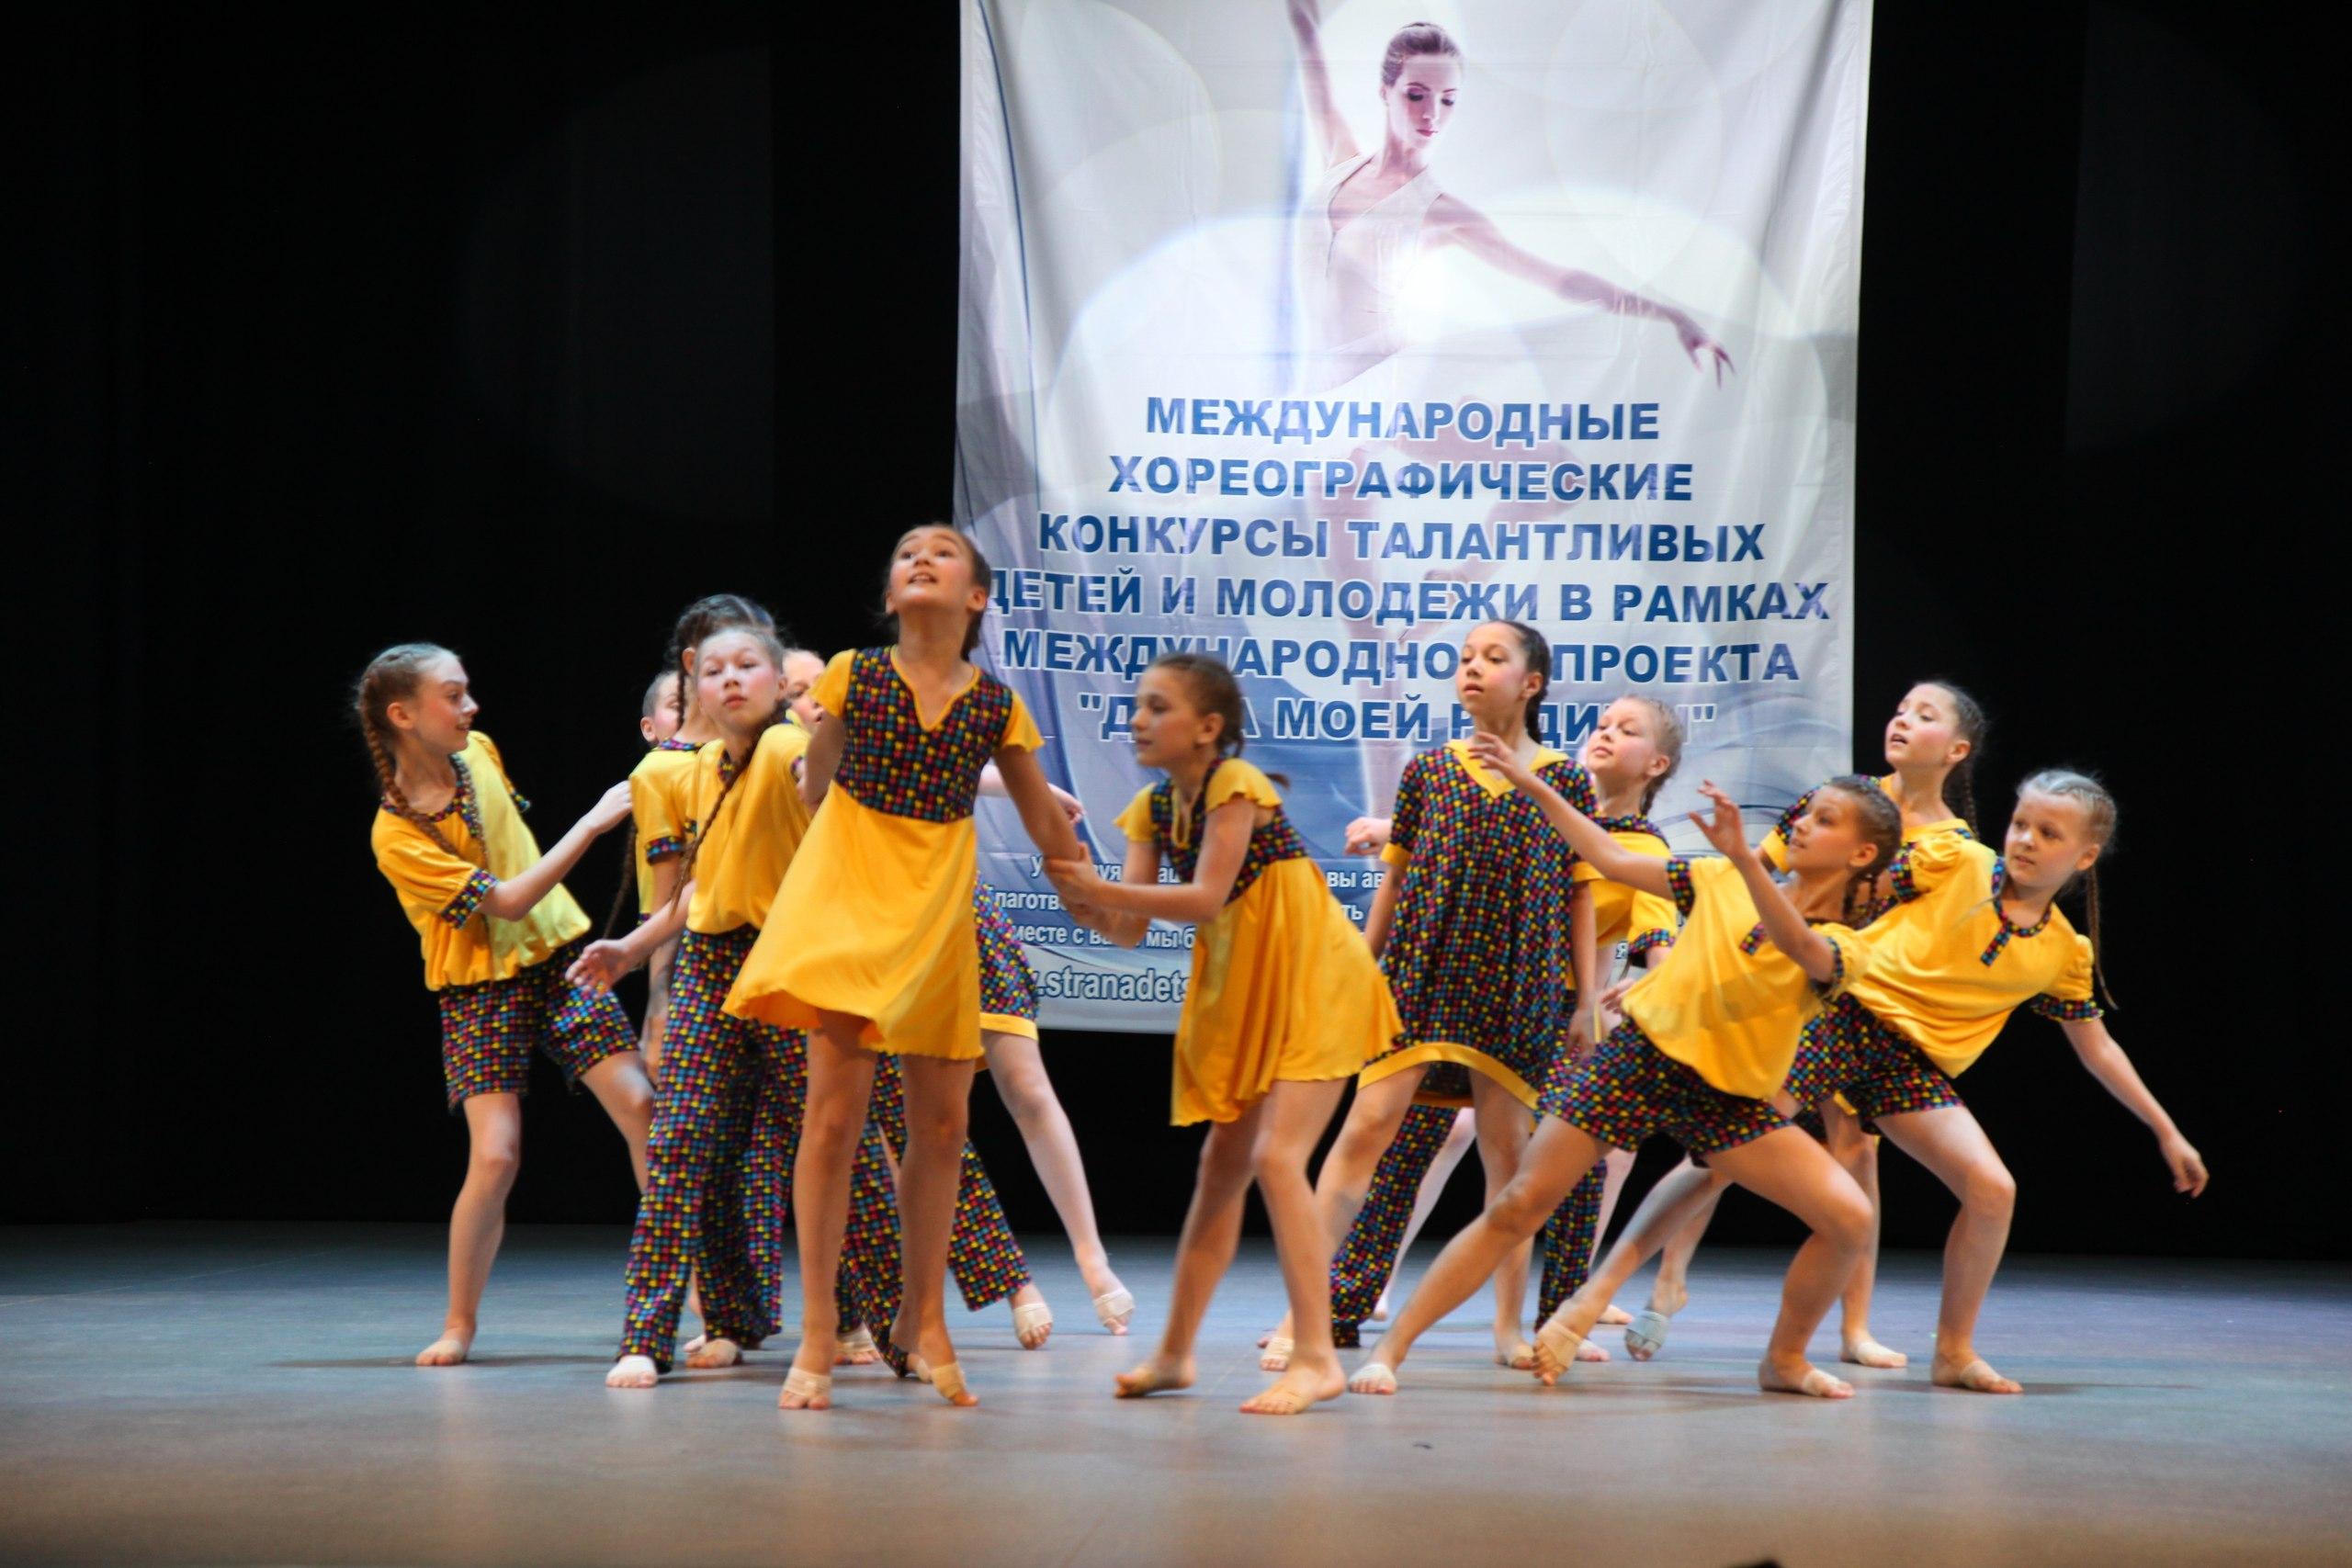 VII Международный хореографический конкурс-фестиваль детского, юношеского и взрослого творчества «АТЛАНТИДА»